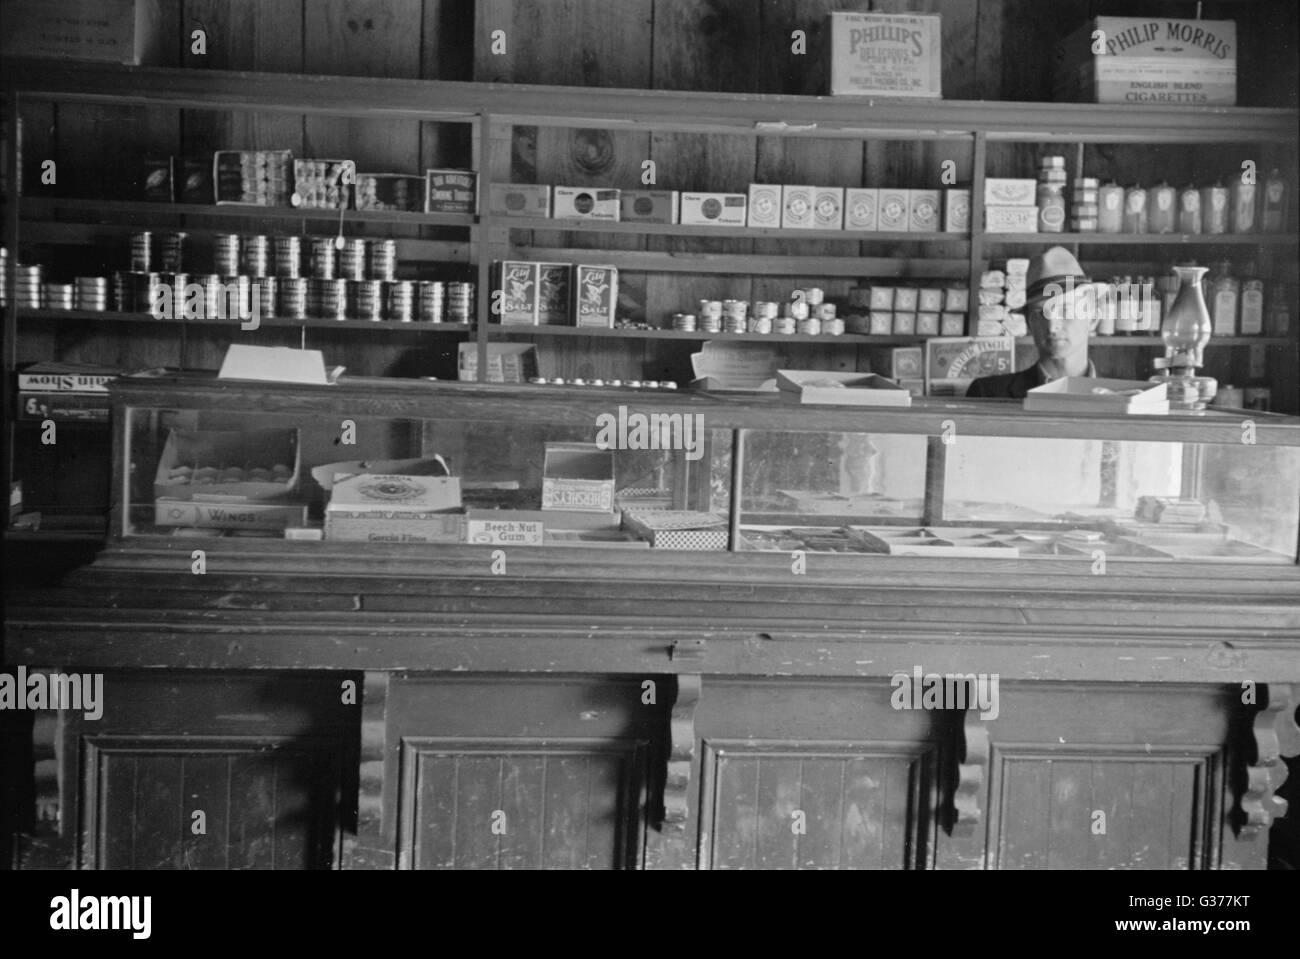 Store, Crabtree Creek progetto ricreativo, vicino a Raleigh, North Carolina. Data 1936 Mar. Immagini Stock